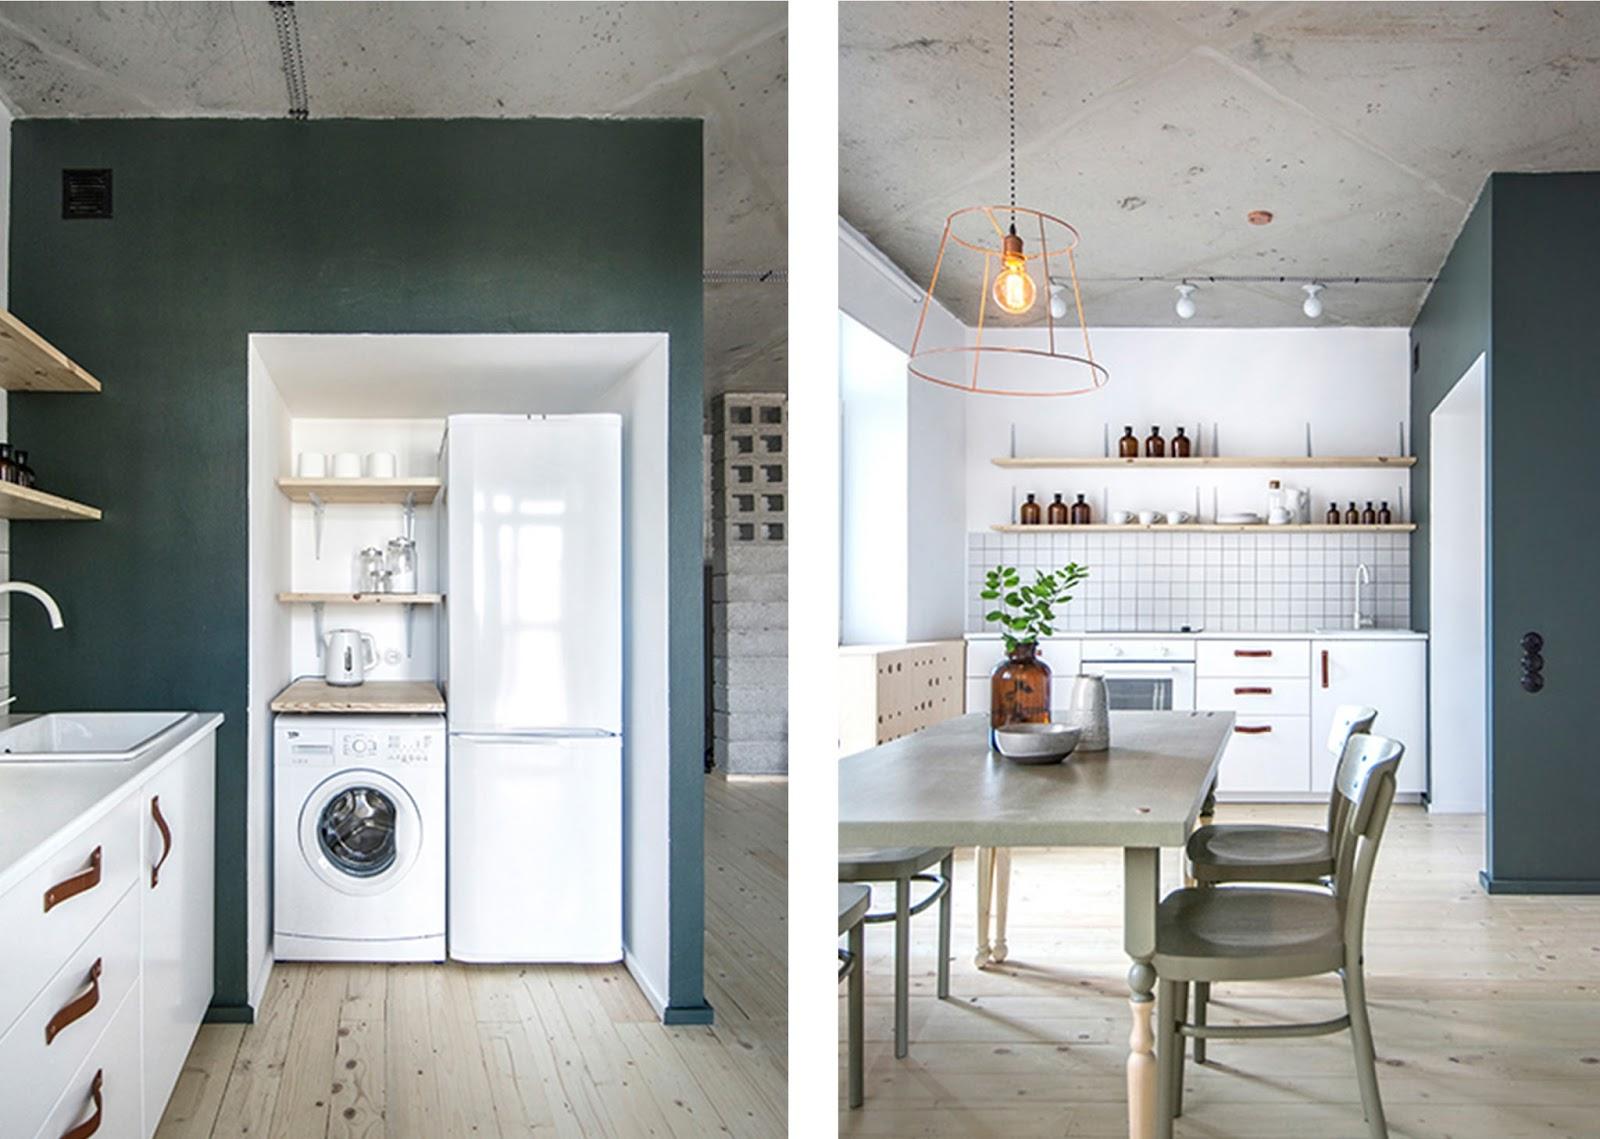 Mobile soggiorno fai da te idee arredamento soggiorno fai - Laccare ante cucina ...